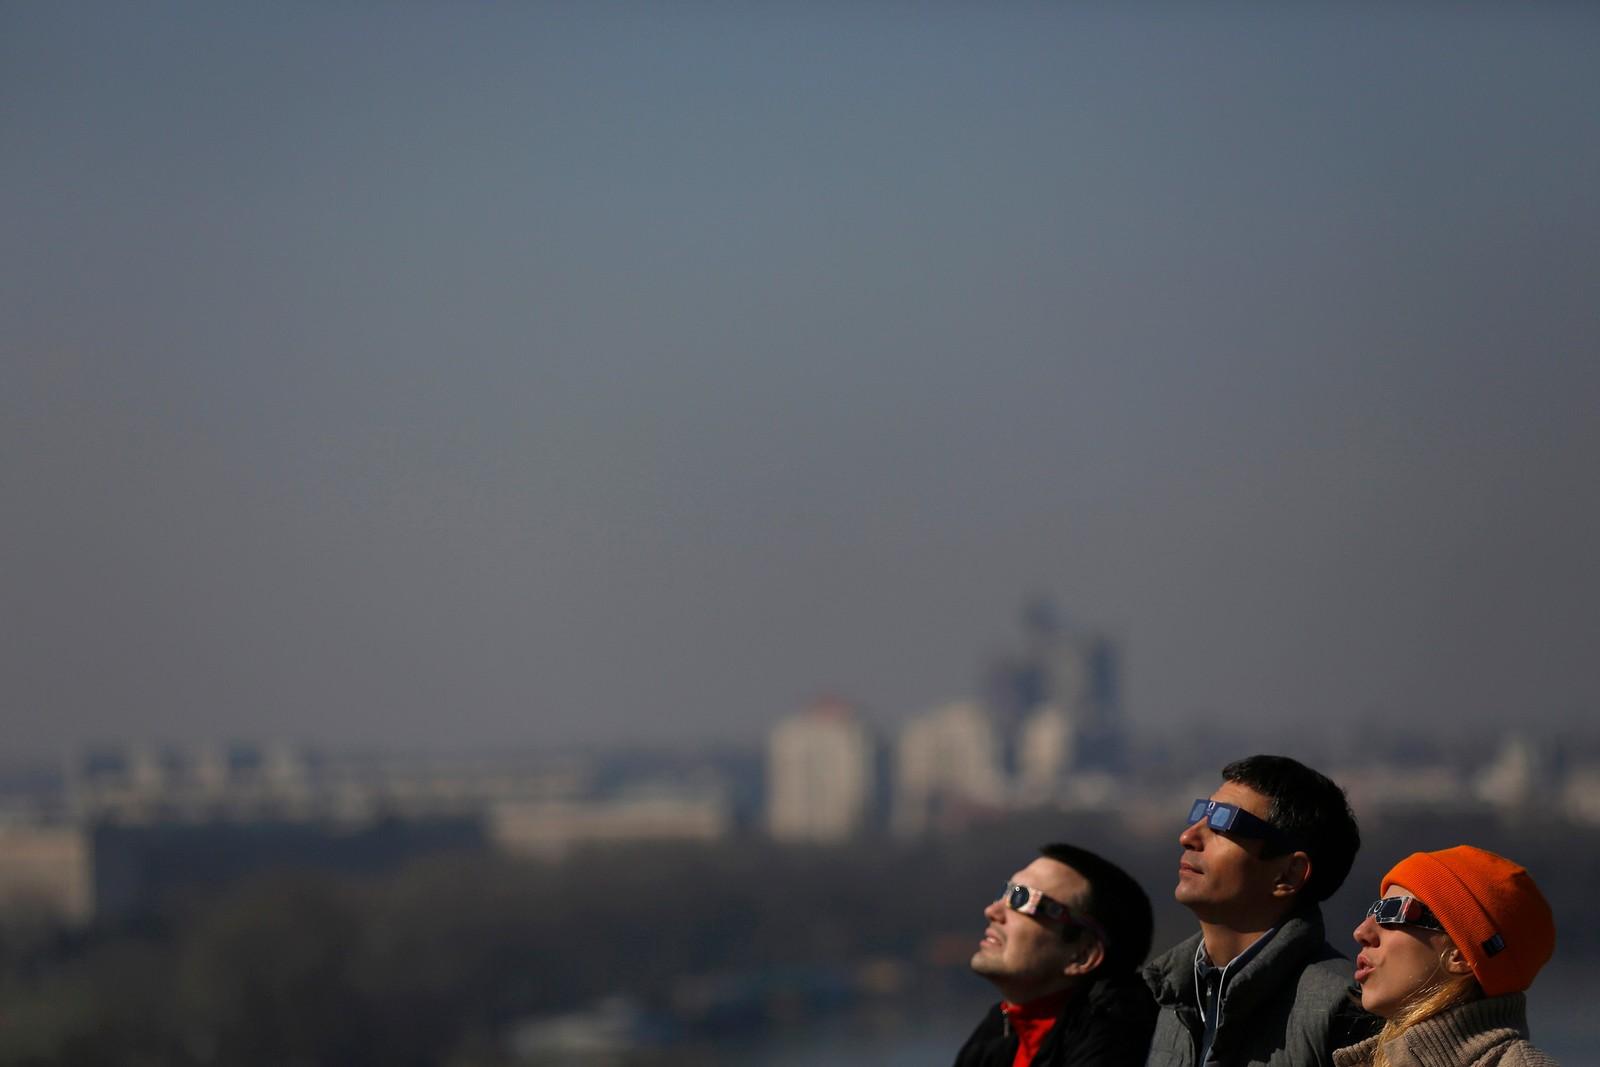 Solformørkelse over Beograd, Serbia.